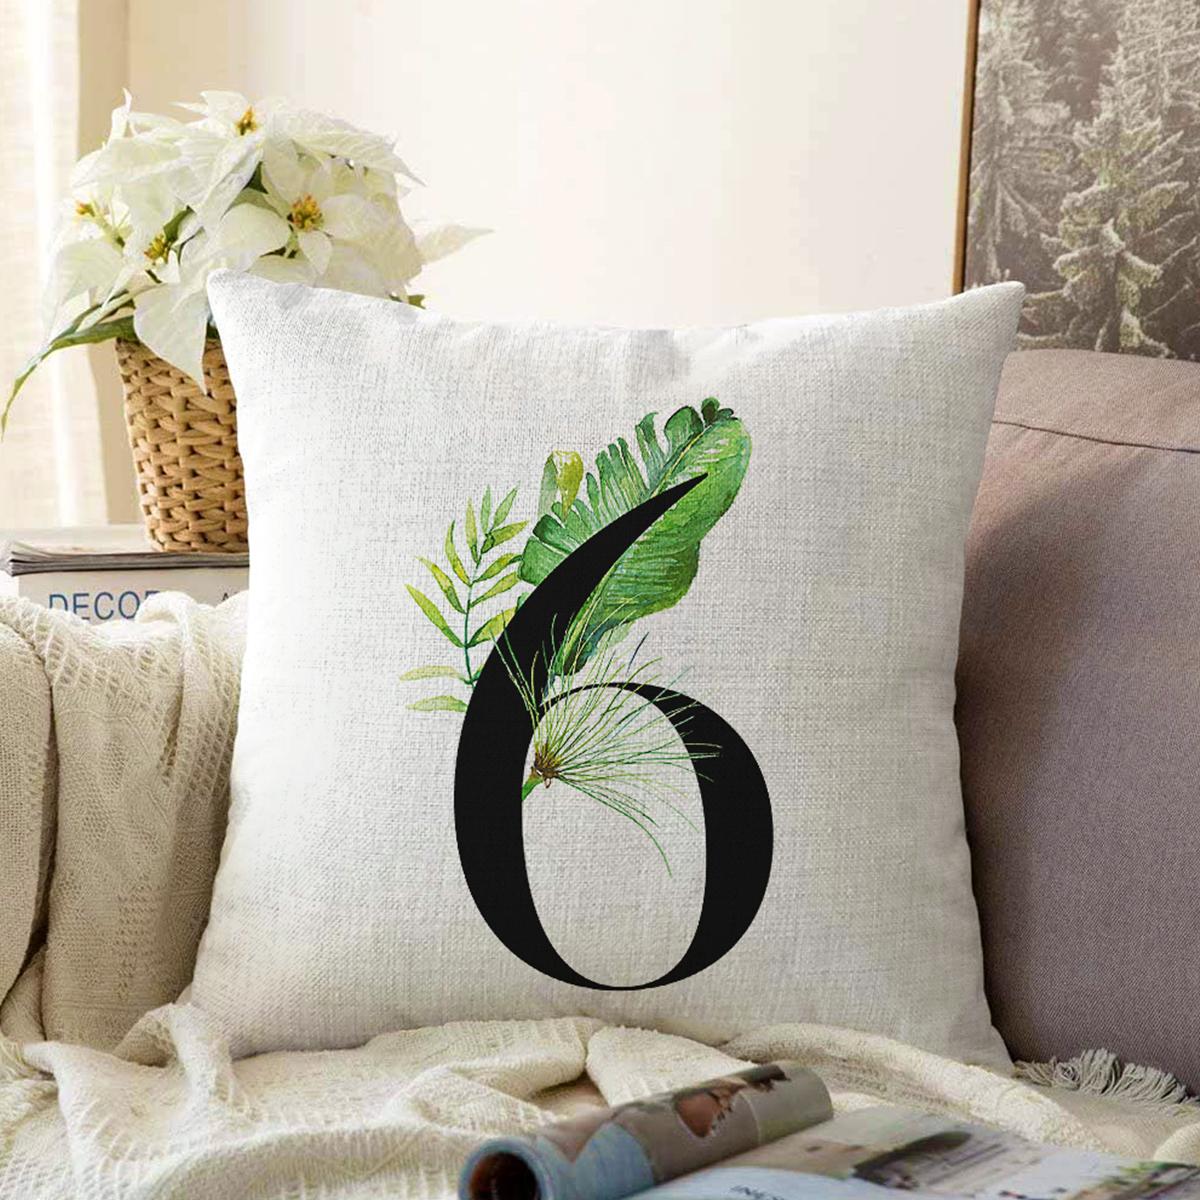 Beyaz Zemin Yaprak Motifli Siyah 6 Rakamı Özel Tasarım Dijital Baskılı Şönil Yastık Kırlent Kılıfı Realhomes